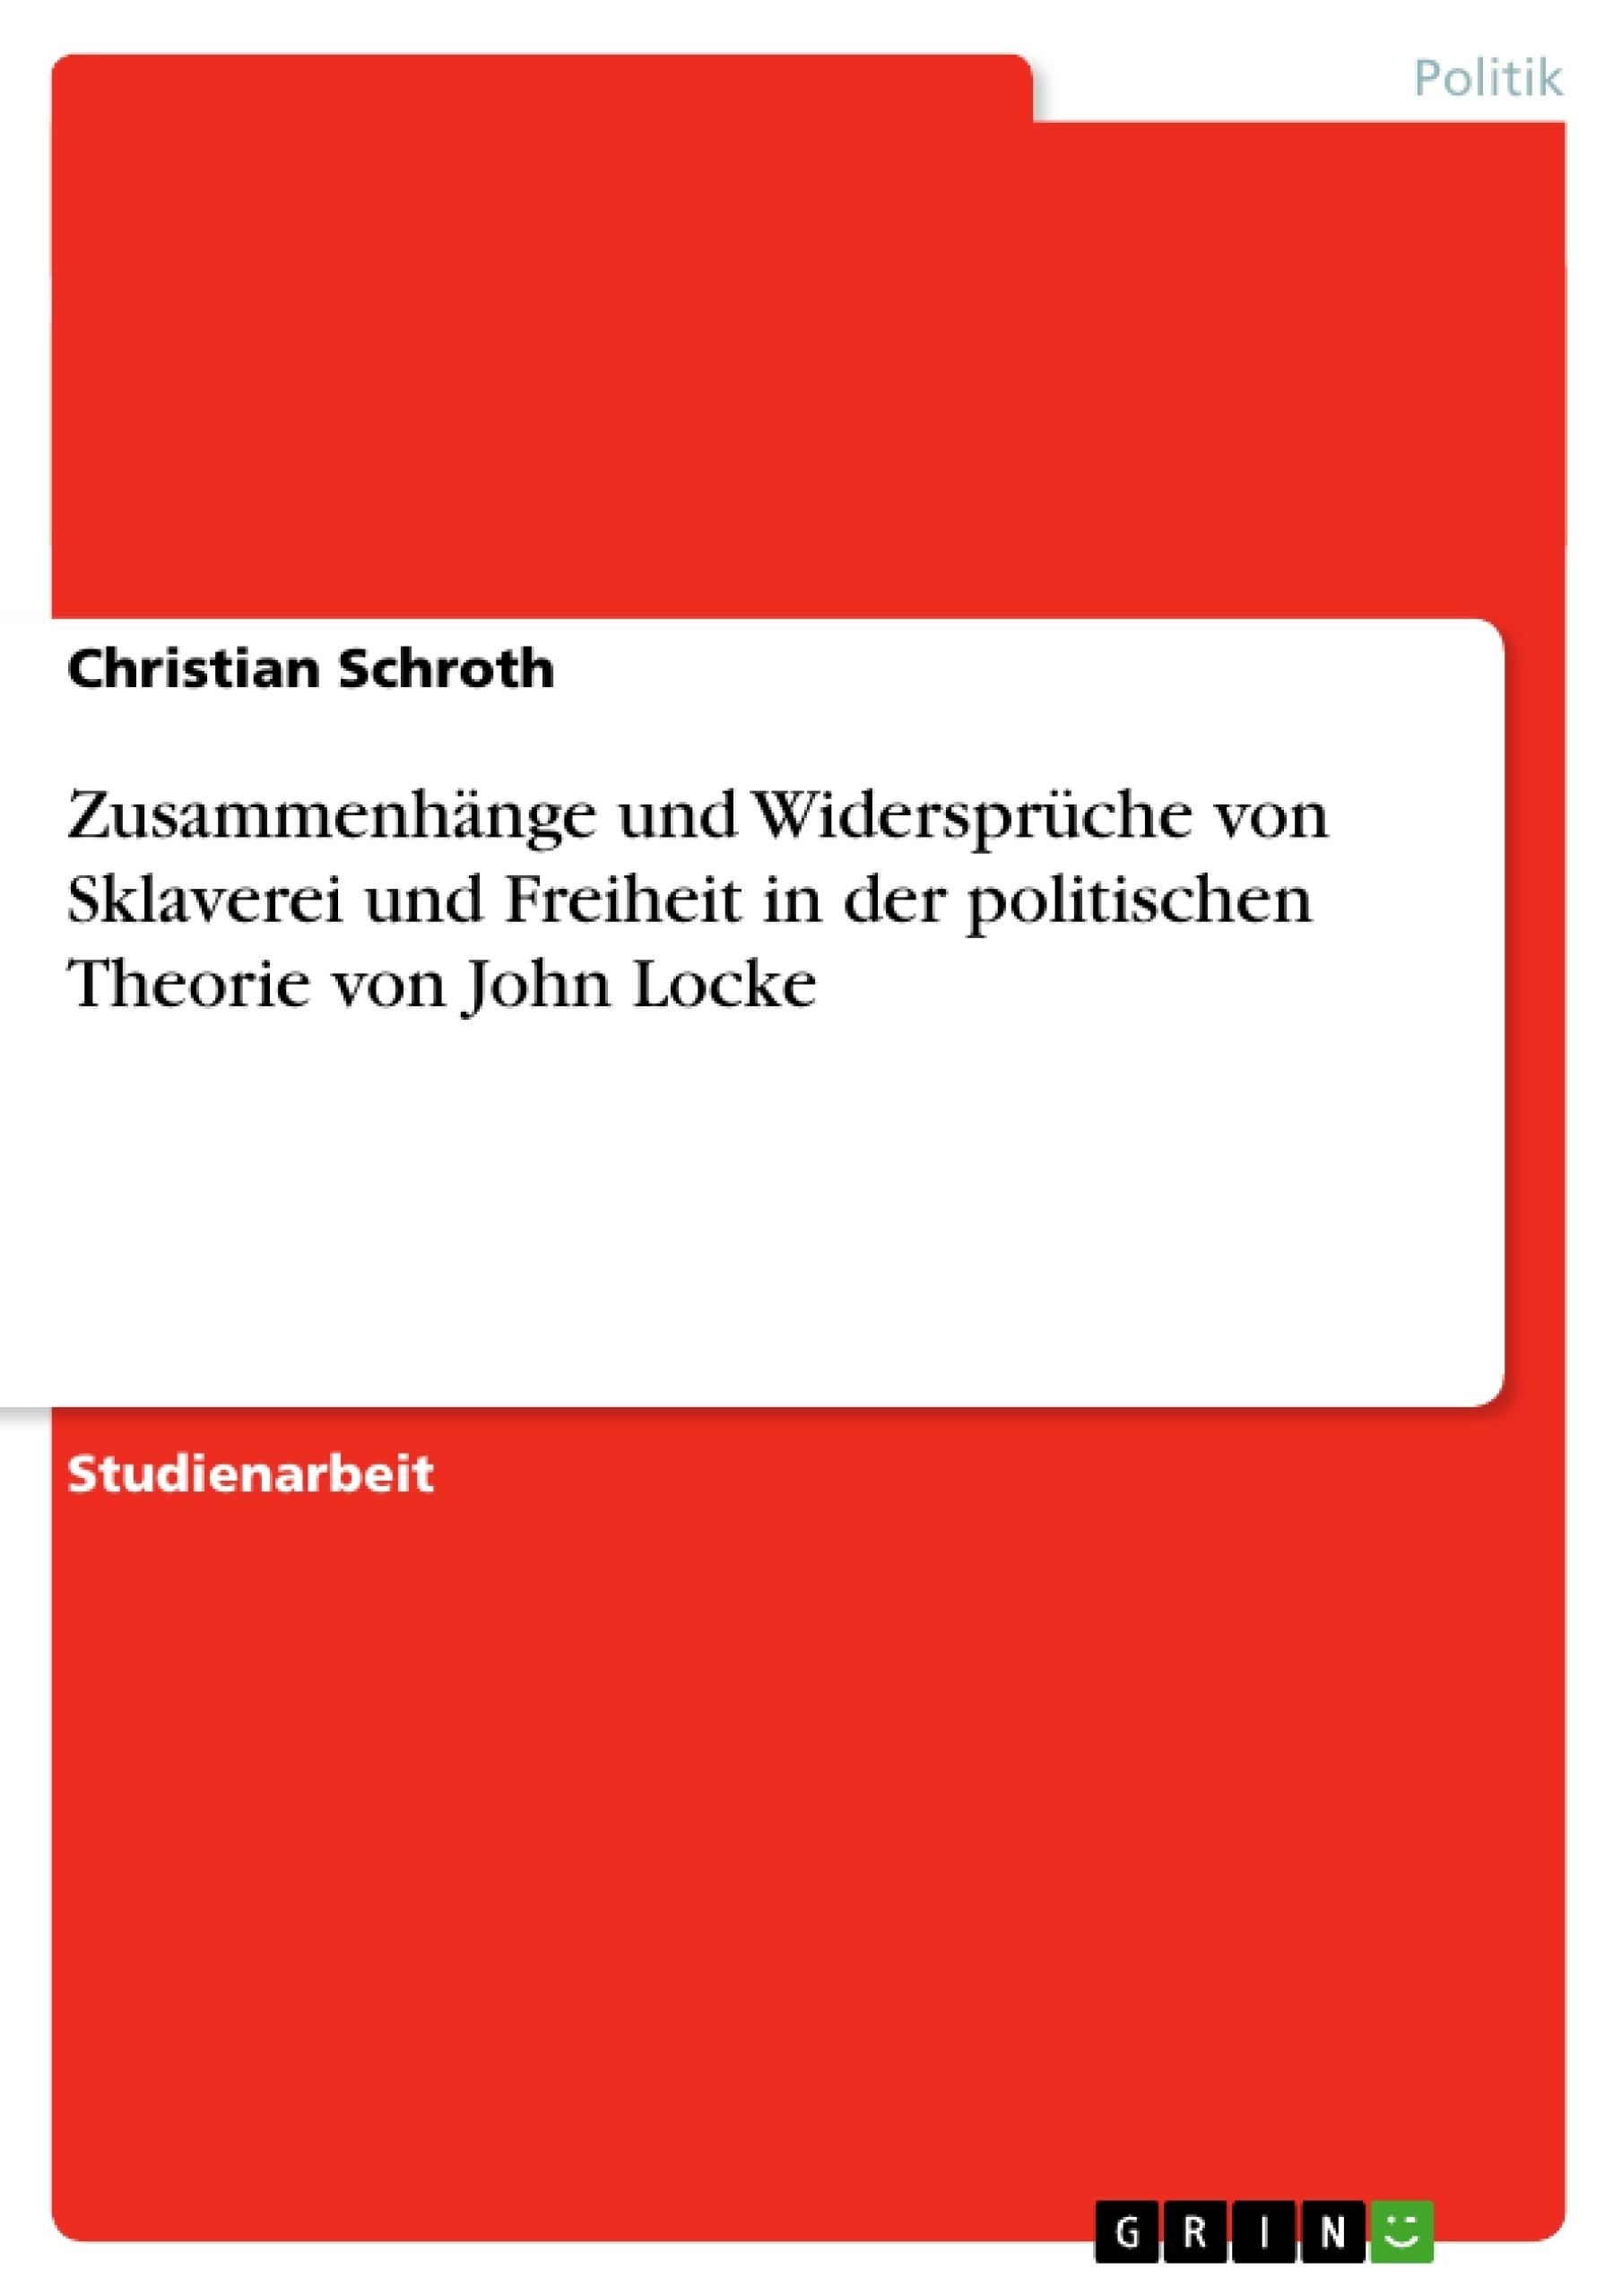 Titel: Zusammenhänge und Widersprüche von Sklaverei und Freiheit in der politischen Theorie von John Locke